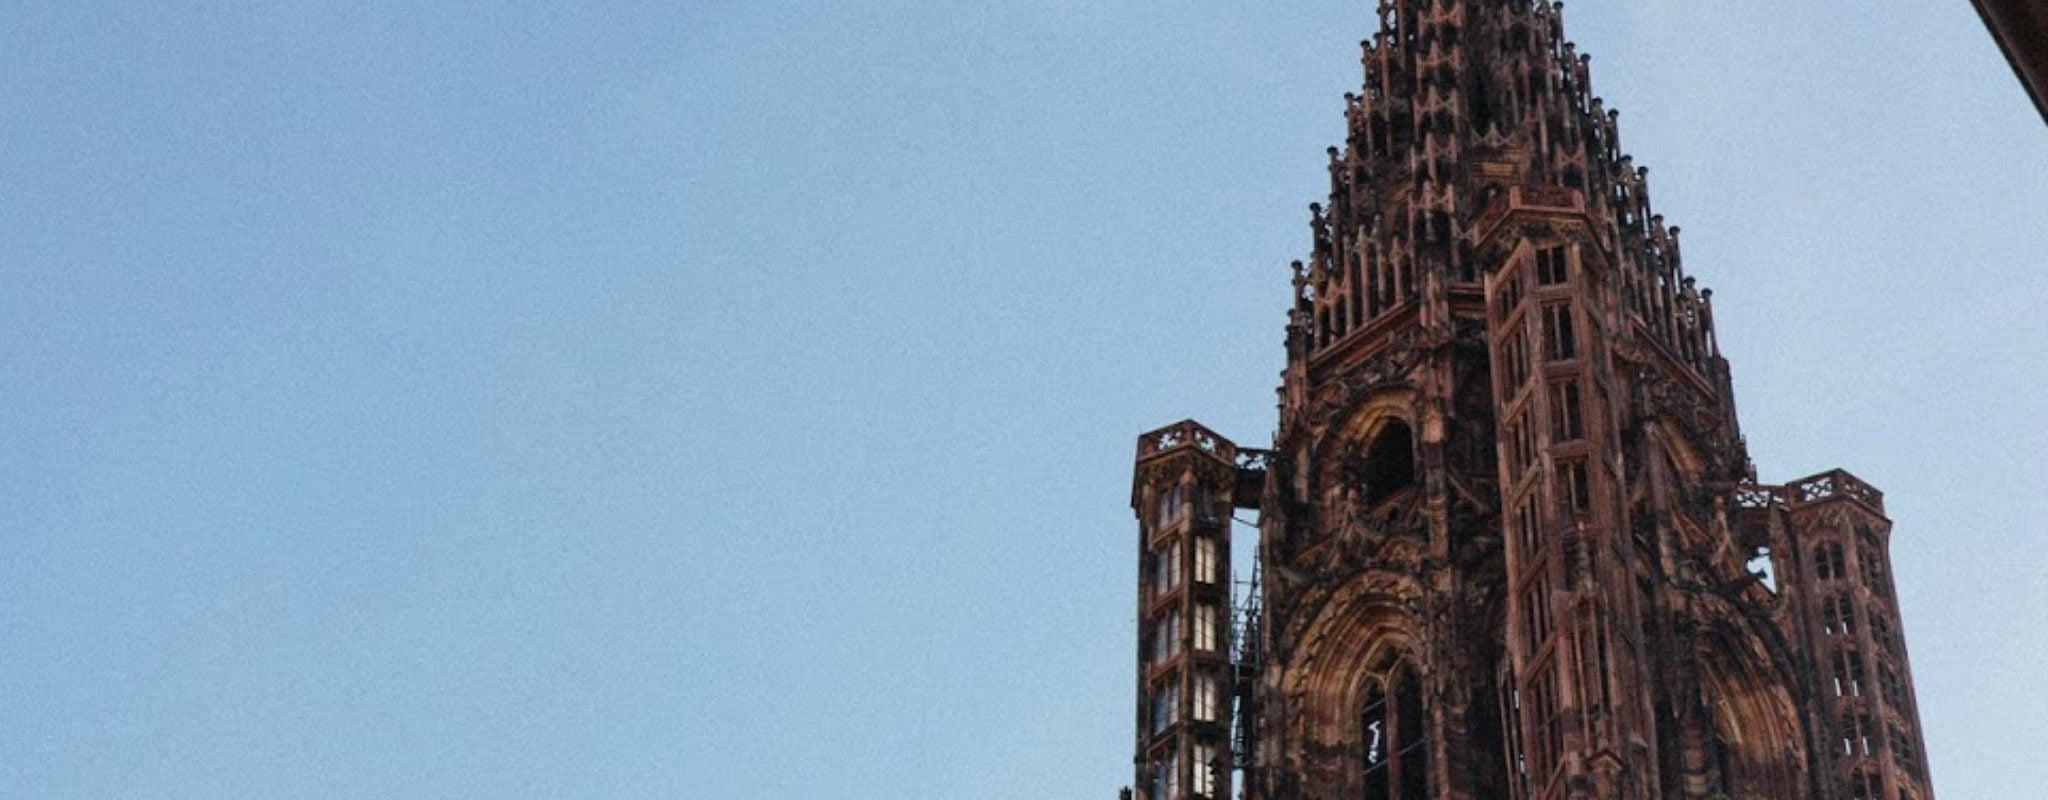 Victime d'un malaise, un homme secouru en hélicoptère sur la Cathédrale